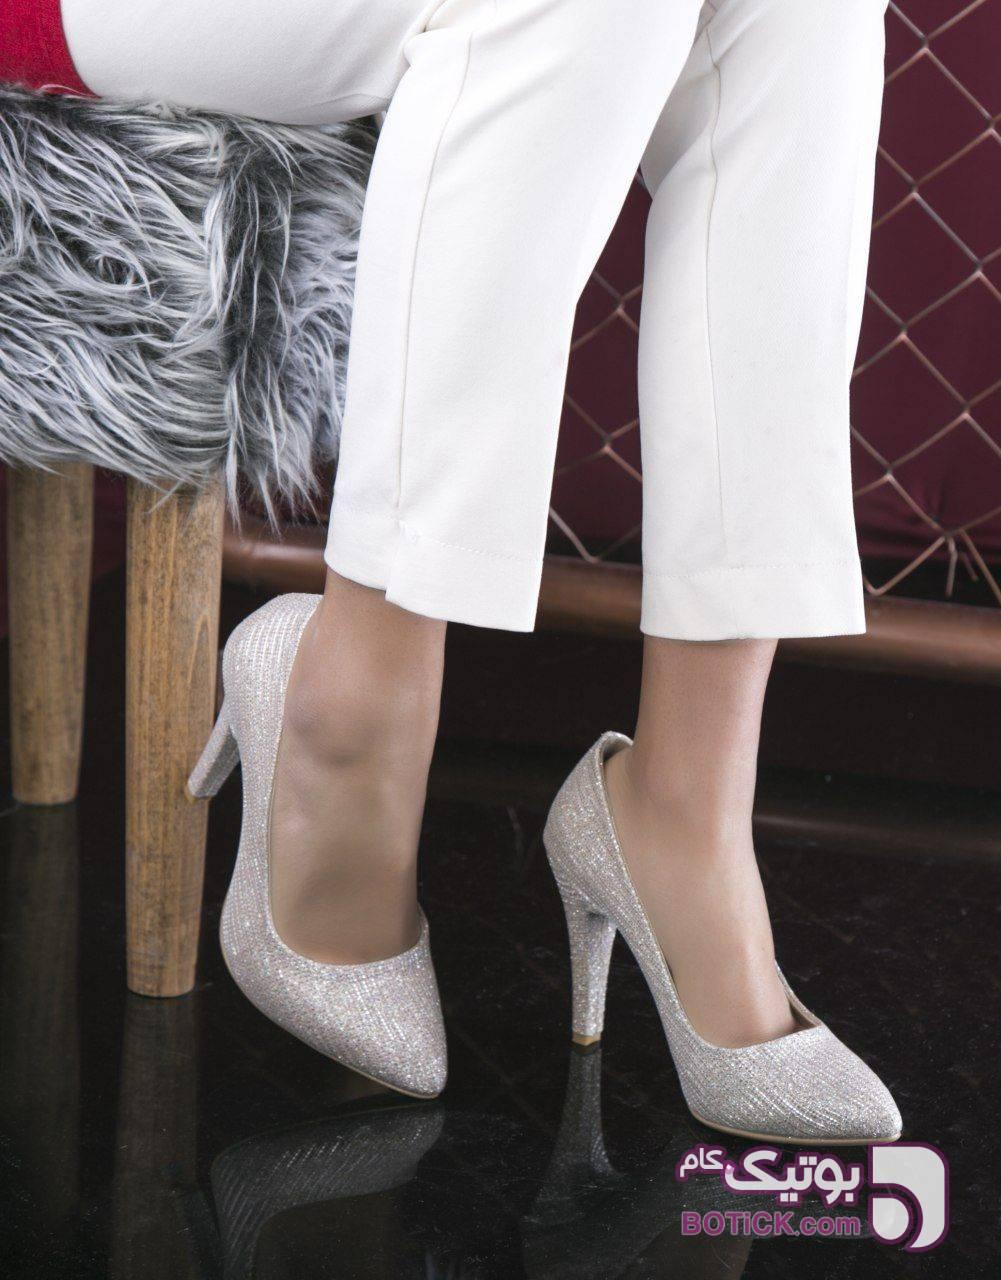 کفش کد ۷۳۹ قالب نیم بزرگ  باکیفیت مشکی كفش زنانه